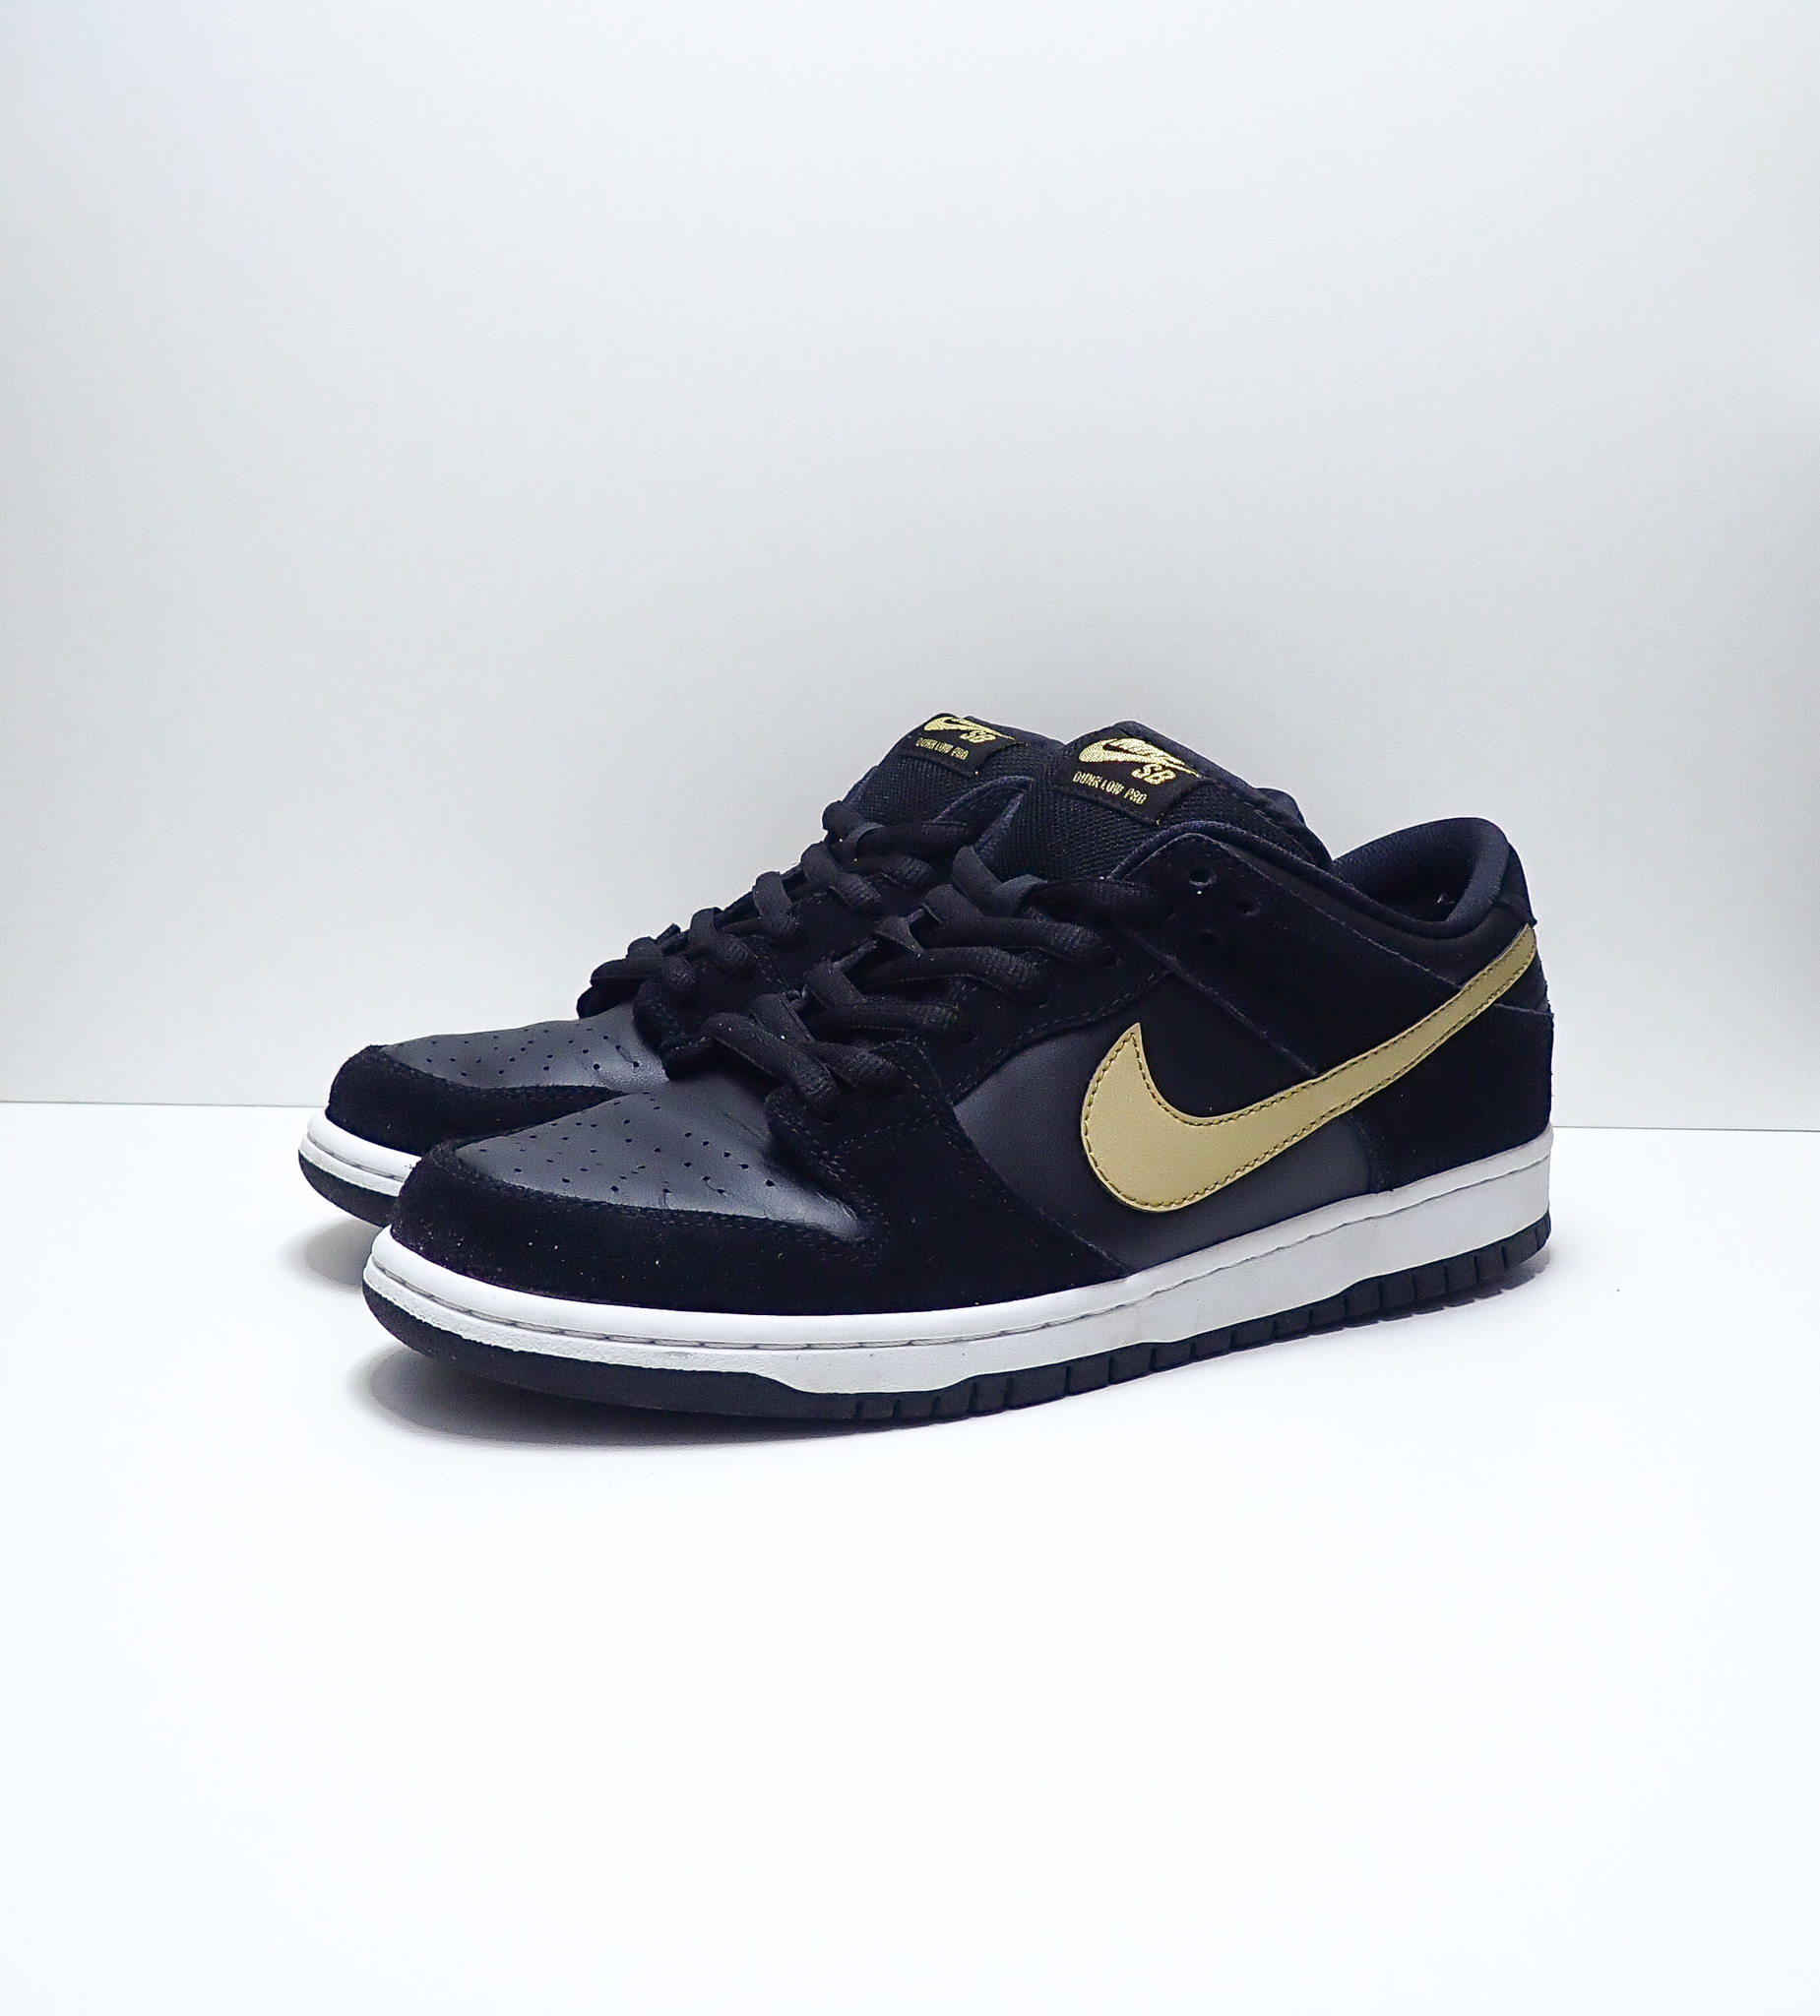 Nike SB Dunk Low Takashi (2018)